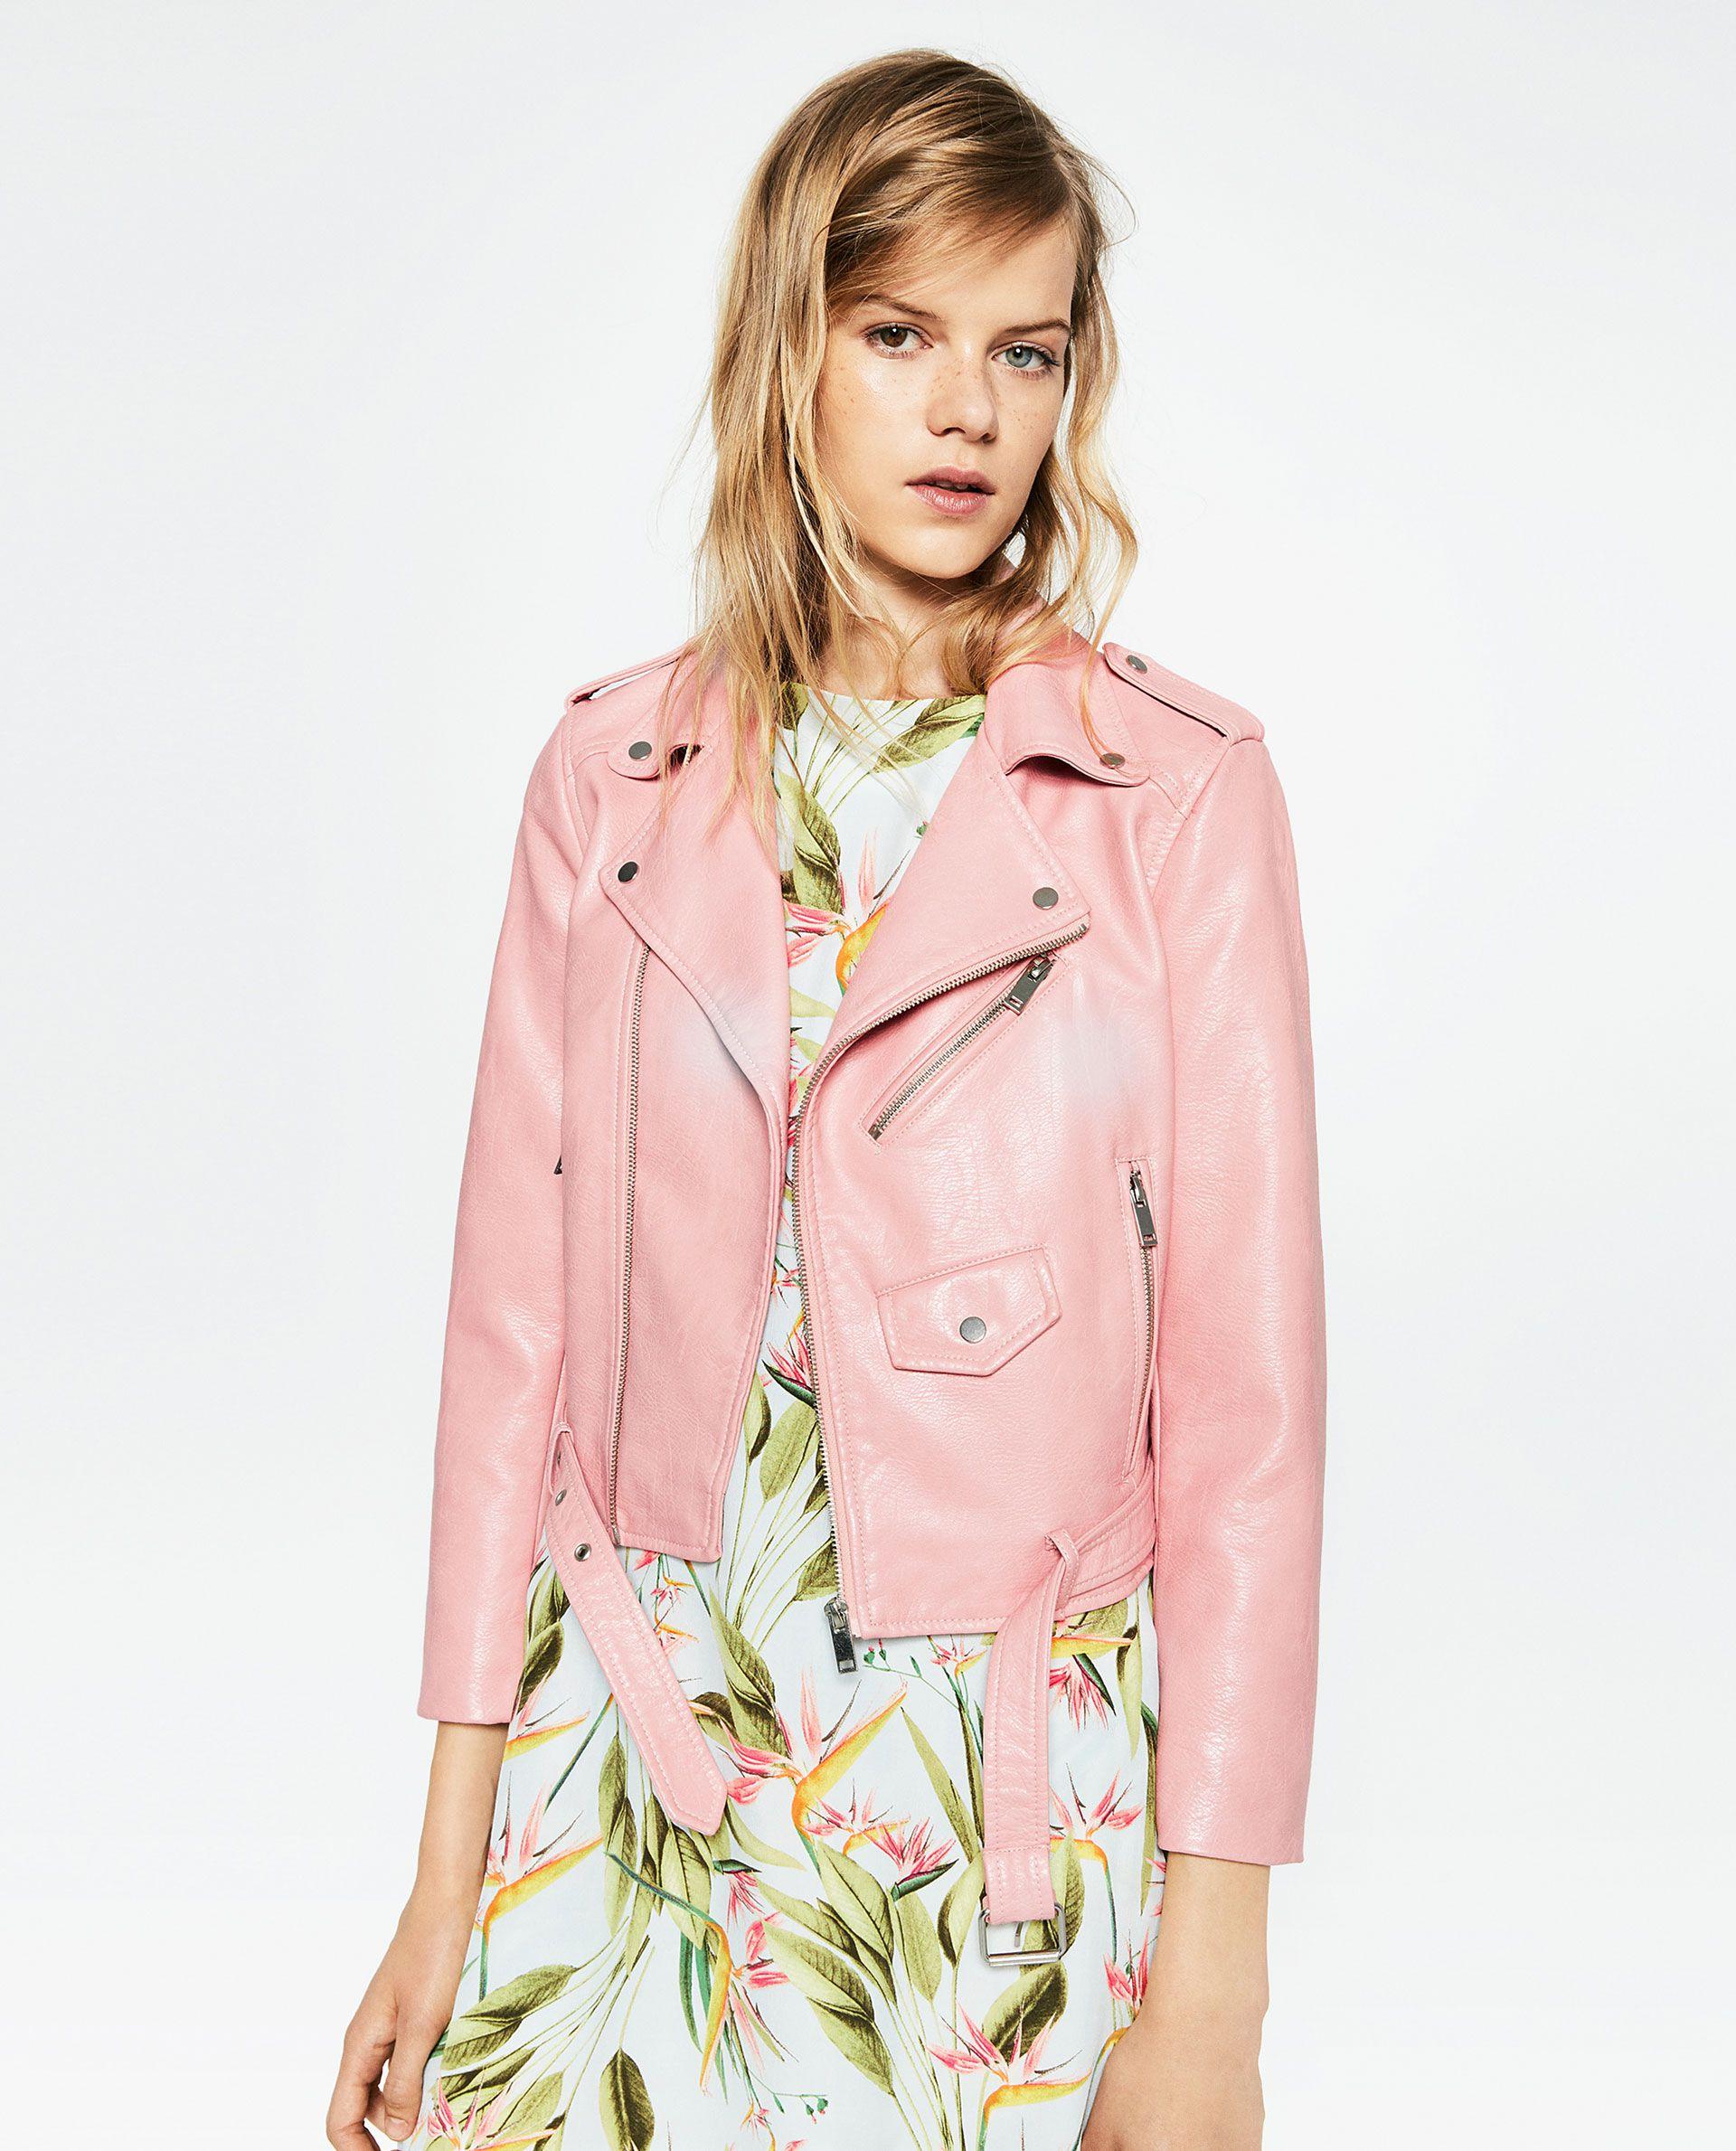 It komad: Bubblegum ružičasta jakna